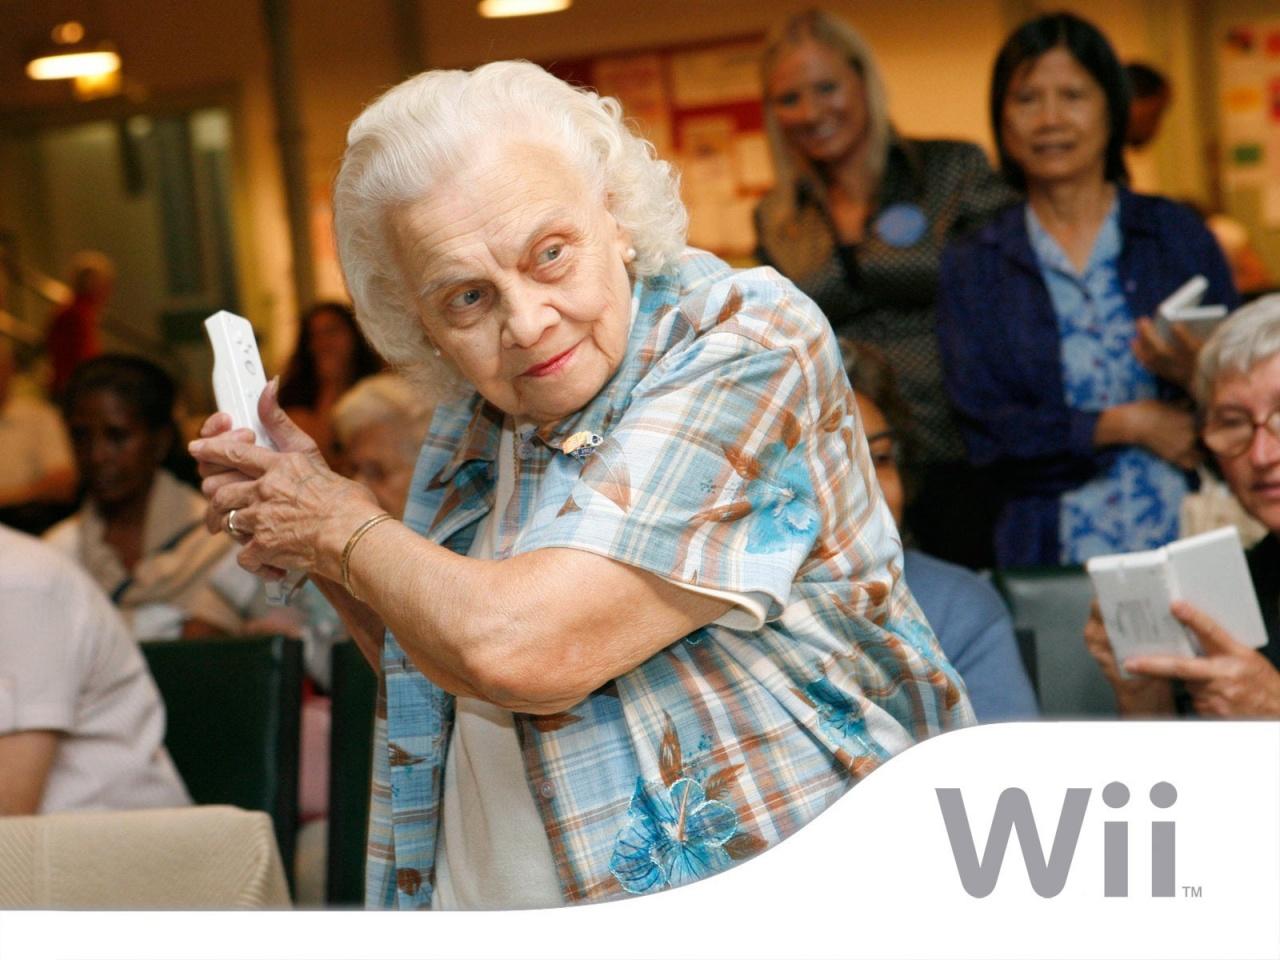 elderlygame-1280x960.jpg